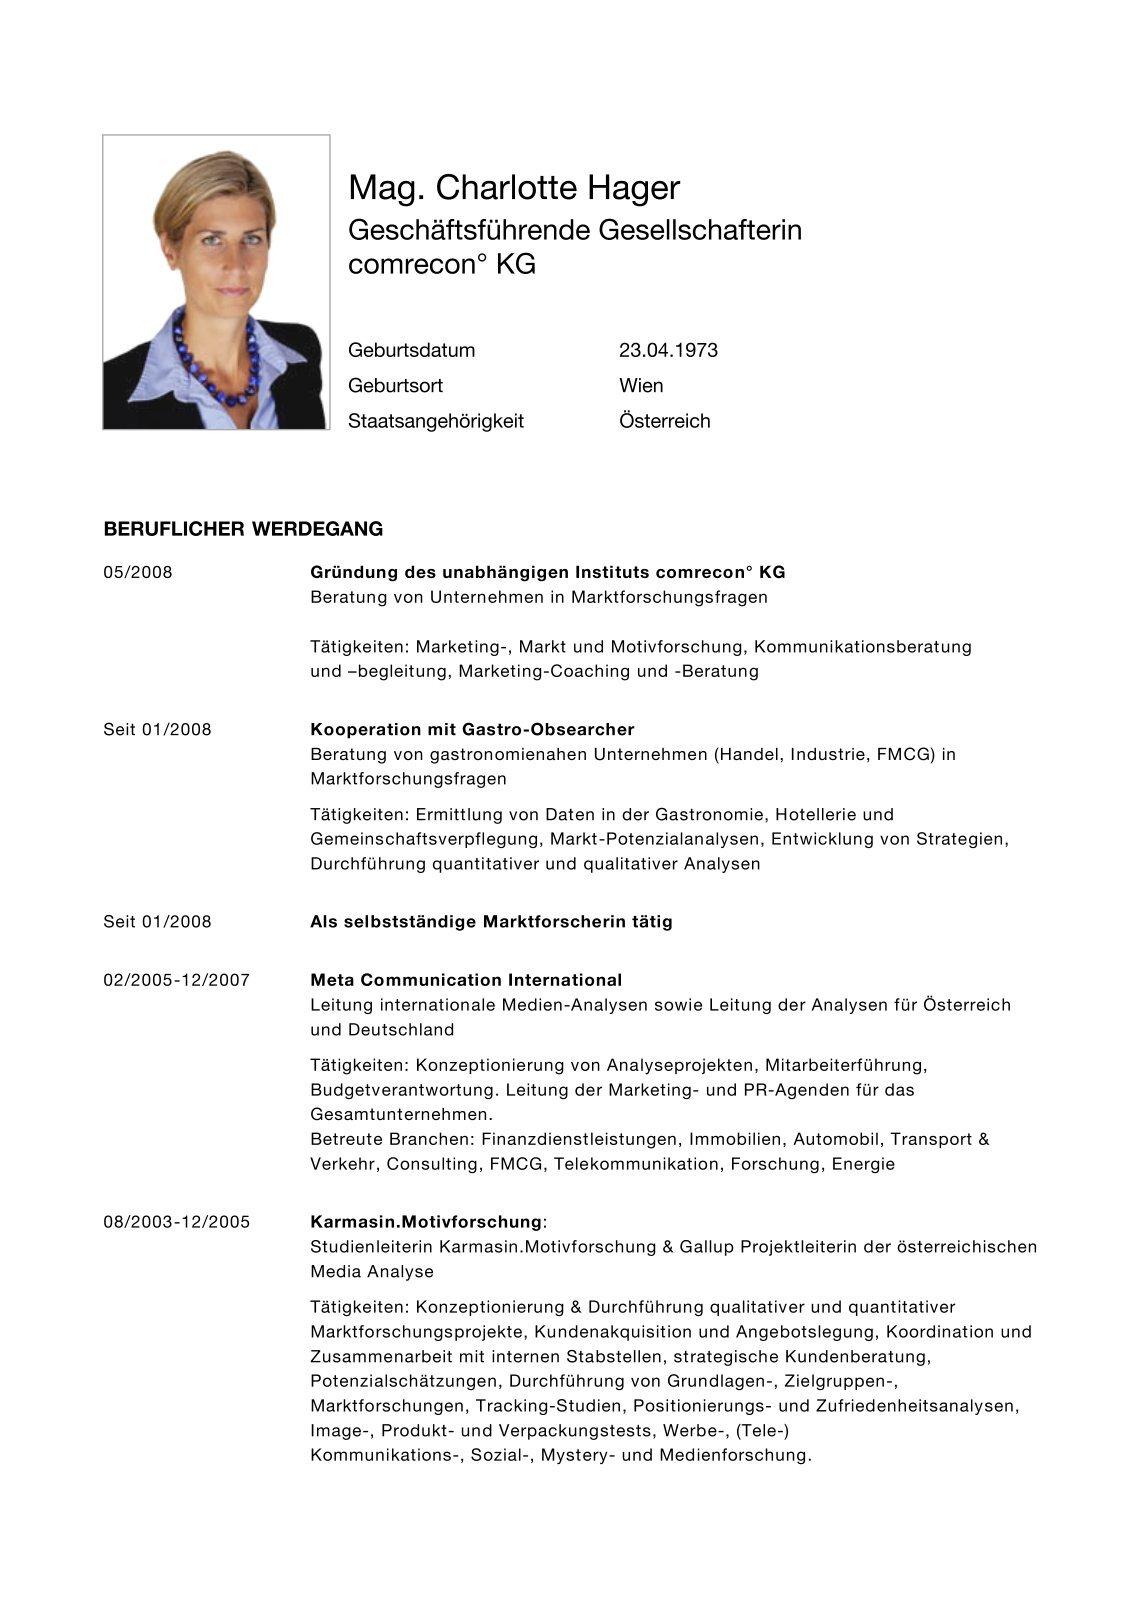 Niedlich Fließband Arbeiter Lebenslauf Bilder - Entry Level Resume ...